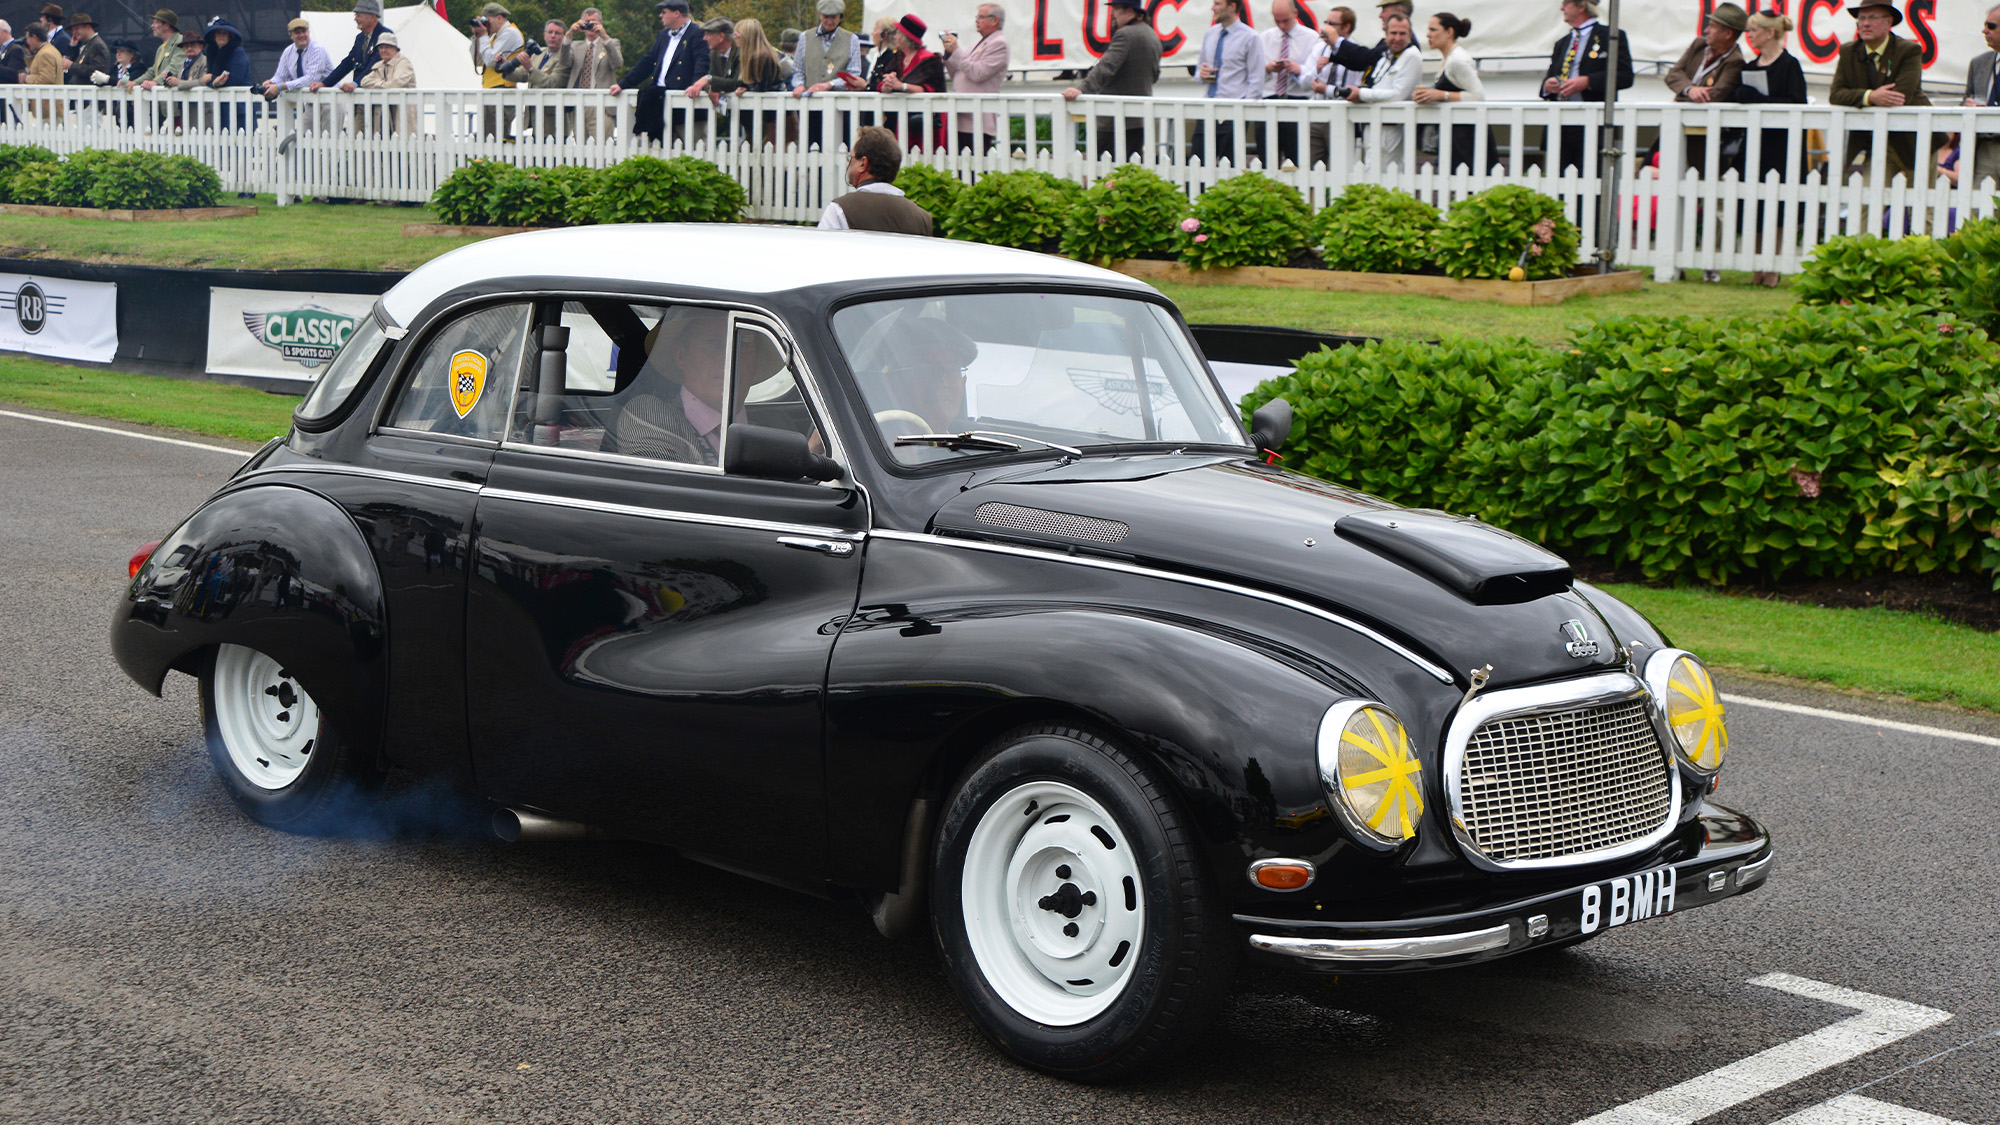 DKW Sonderklasse similar to Jim Clark first racing car at Goodwood in 2013